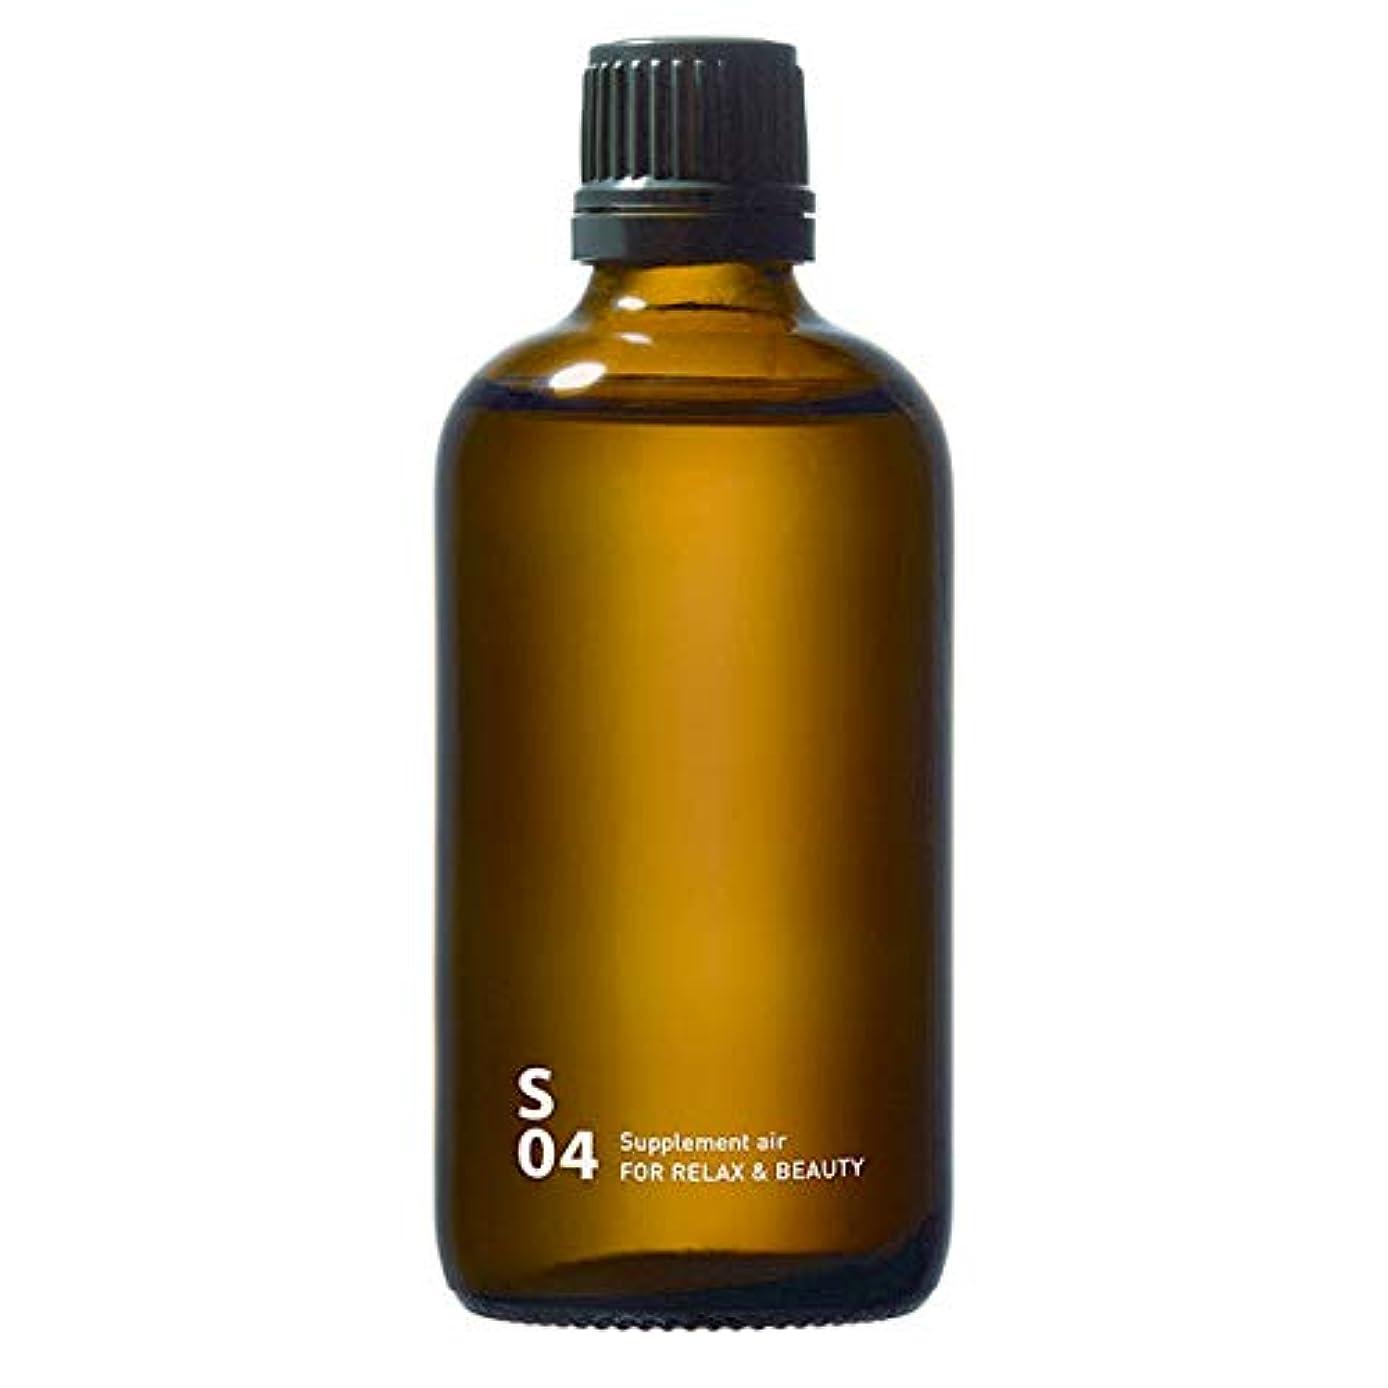 リゾート道徳教育一般的なS04 FOR RELAX & BEAUTY piezo aroma oil 100ml